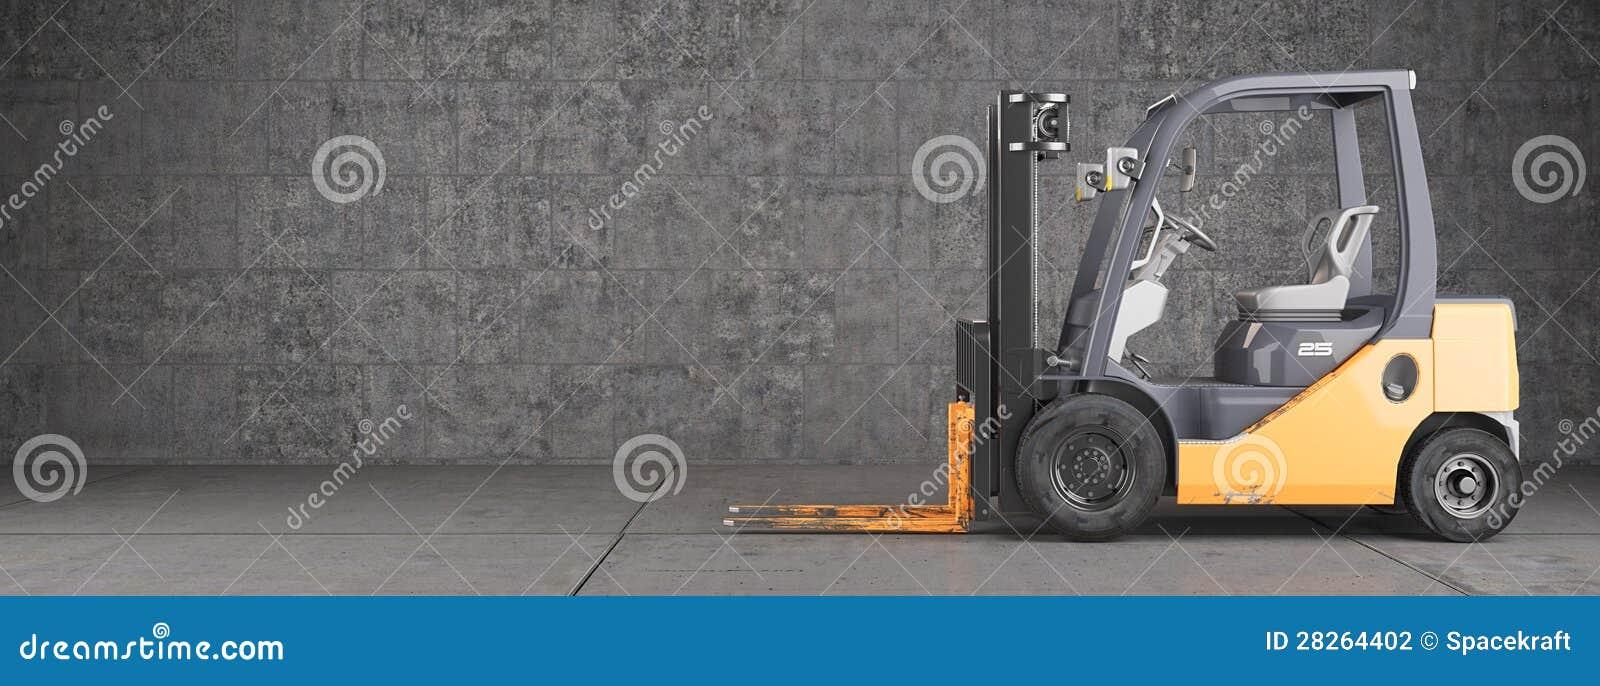 Carrello elevatore a forcale sul fondo sporco industriale della parete